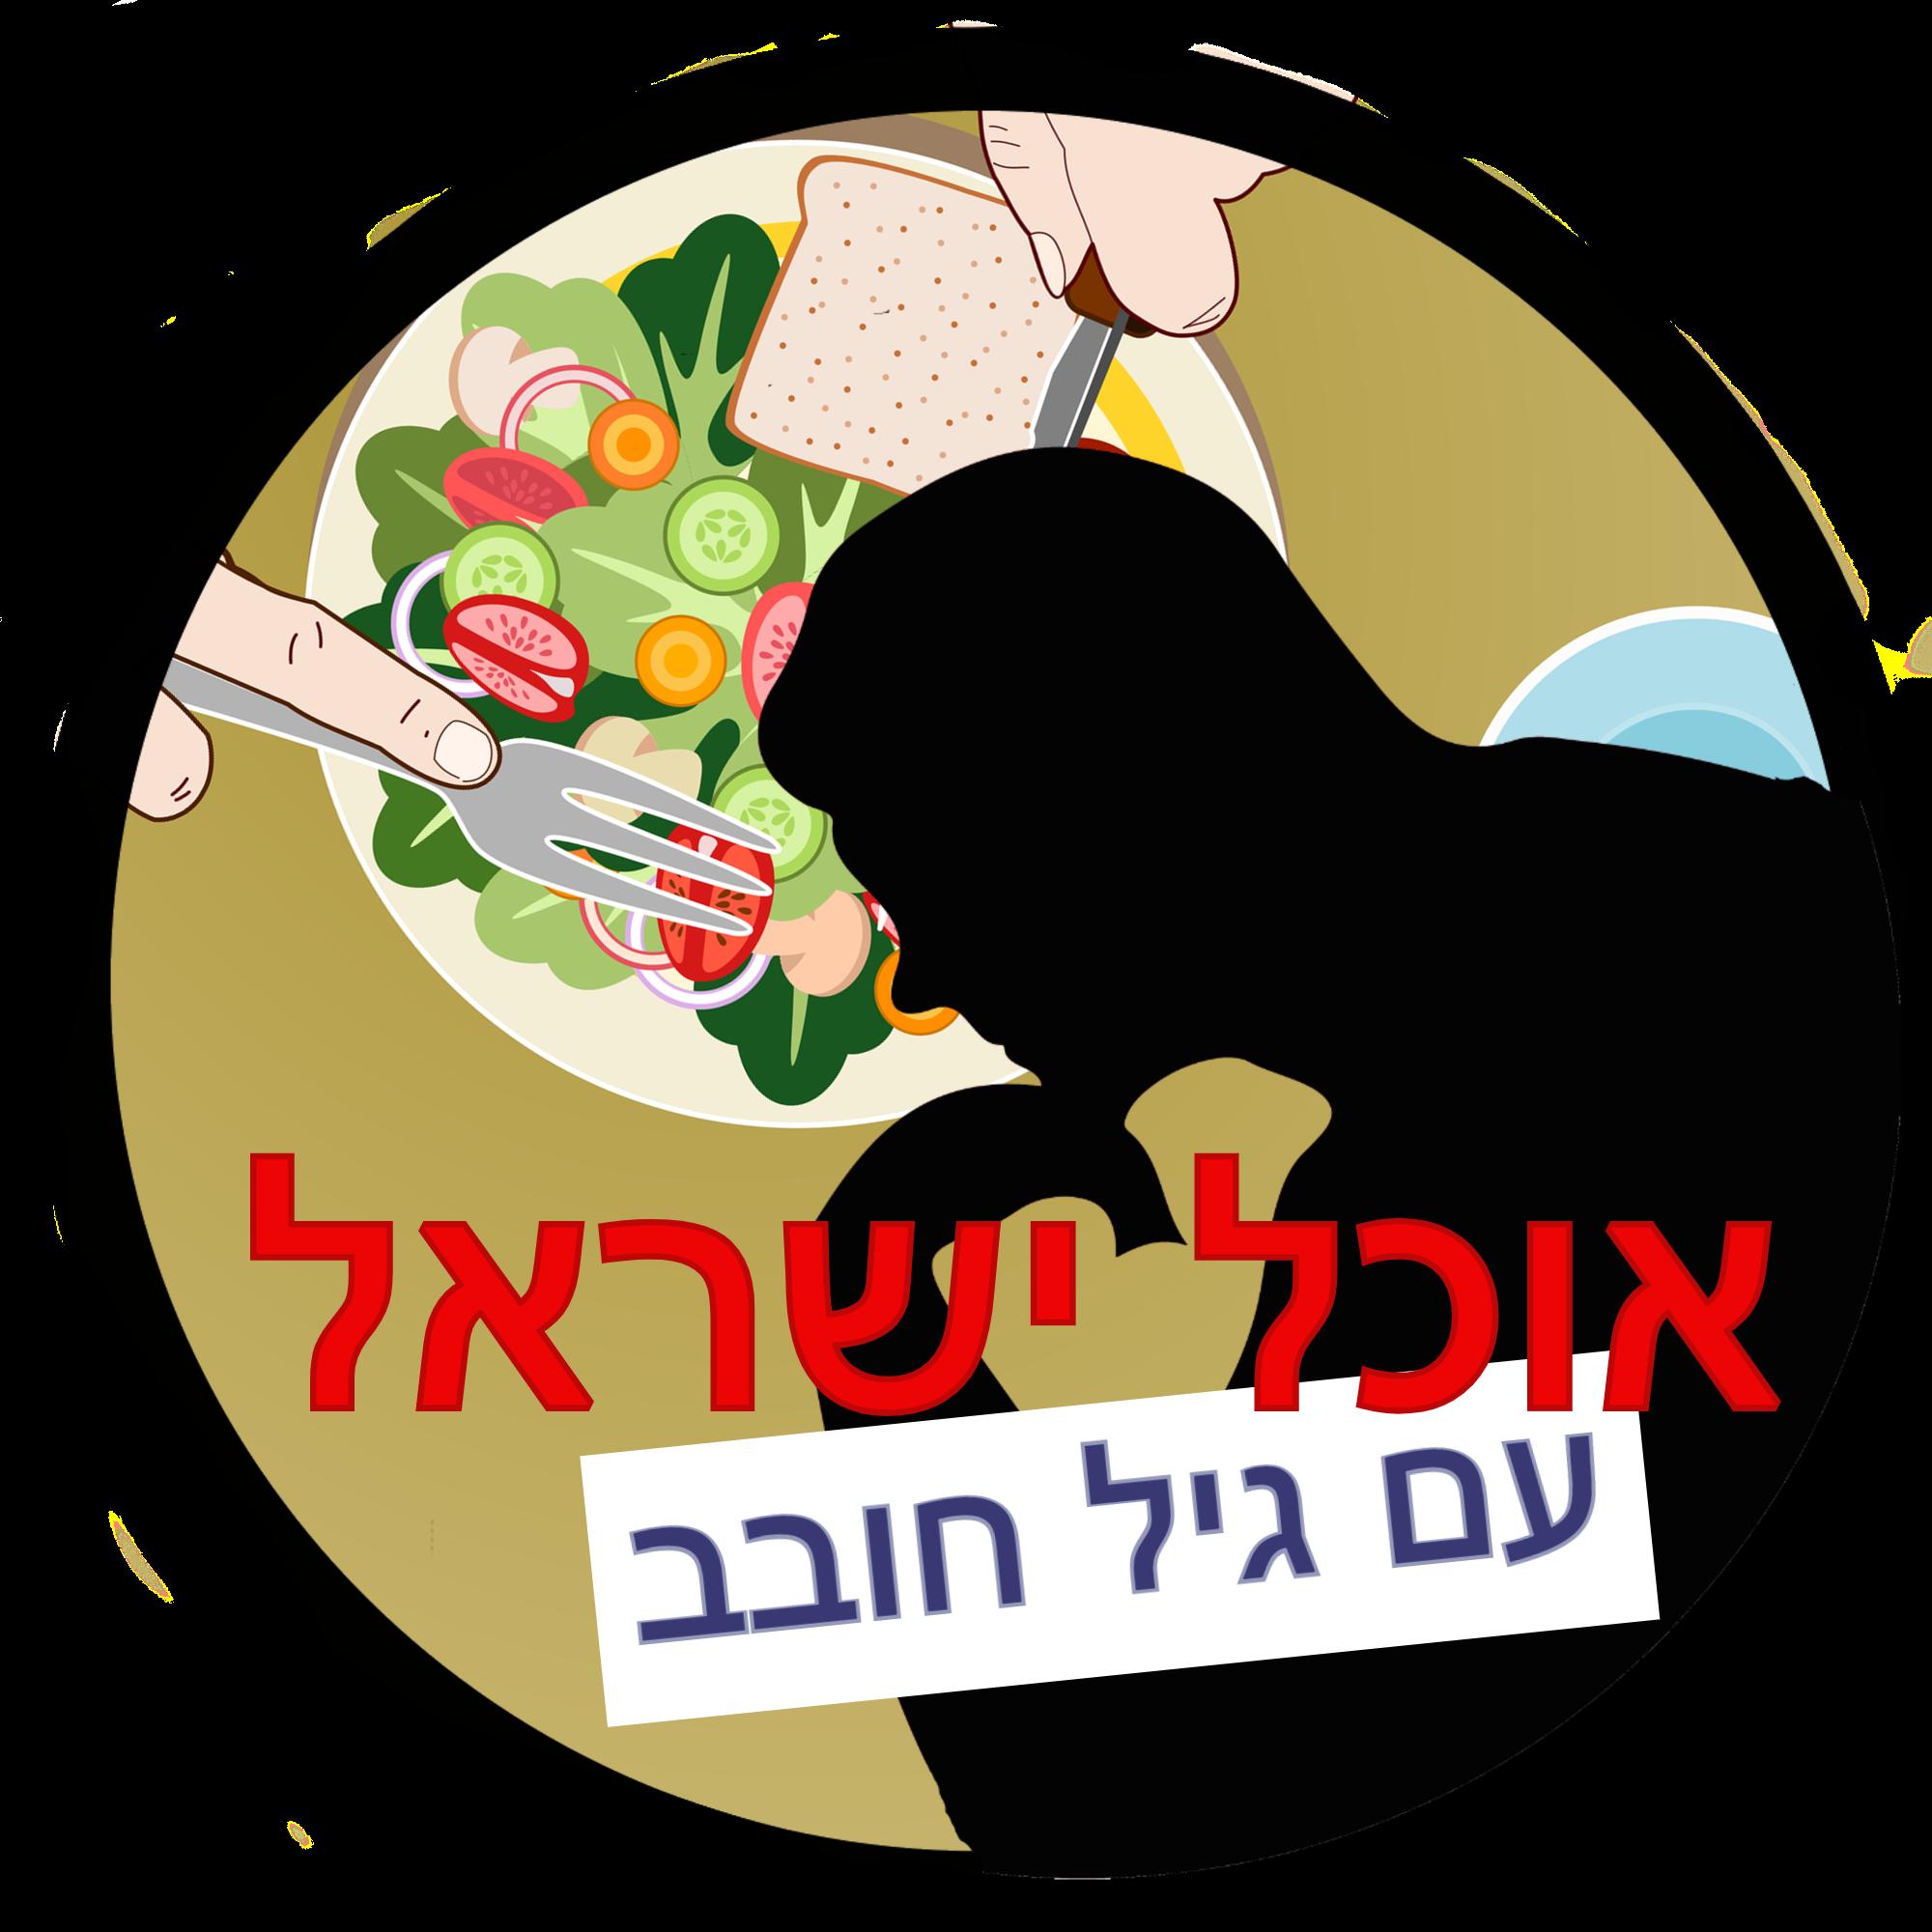 [אוכל ישראל] המסעדה הגיאורגית הכי טובה היא בכלל ארמנית